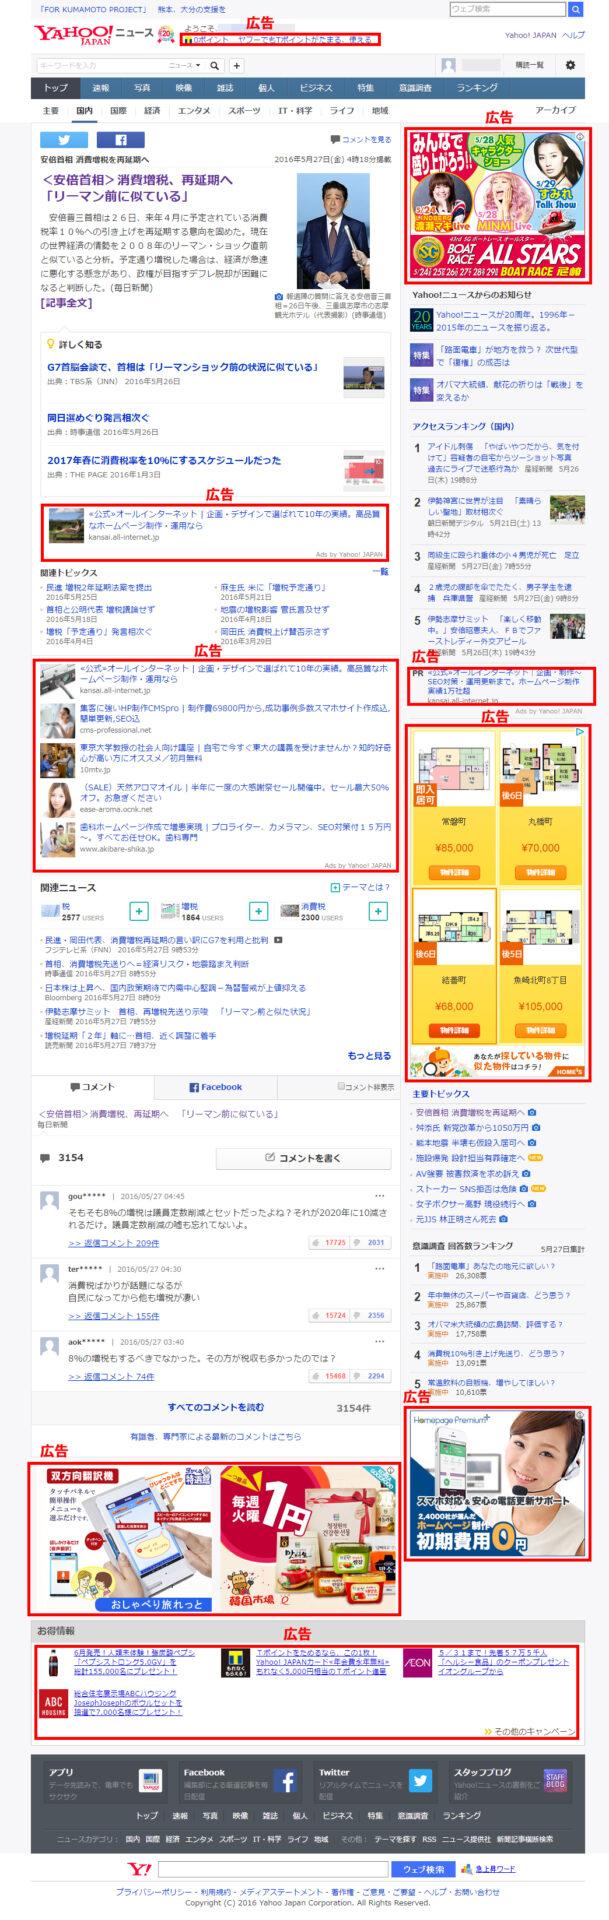 Yahoo-ad